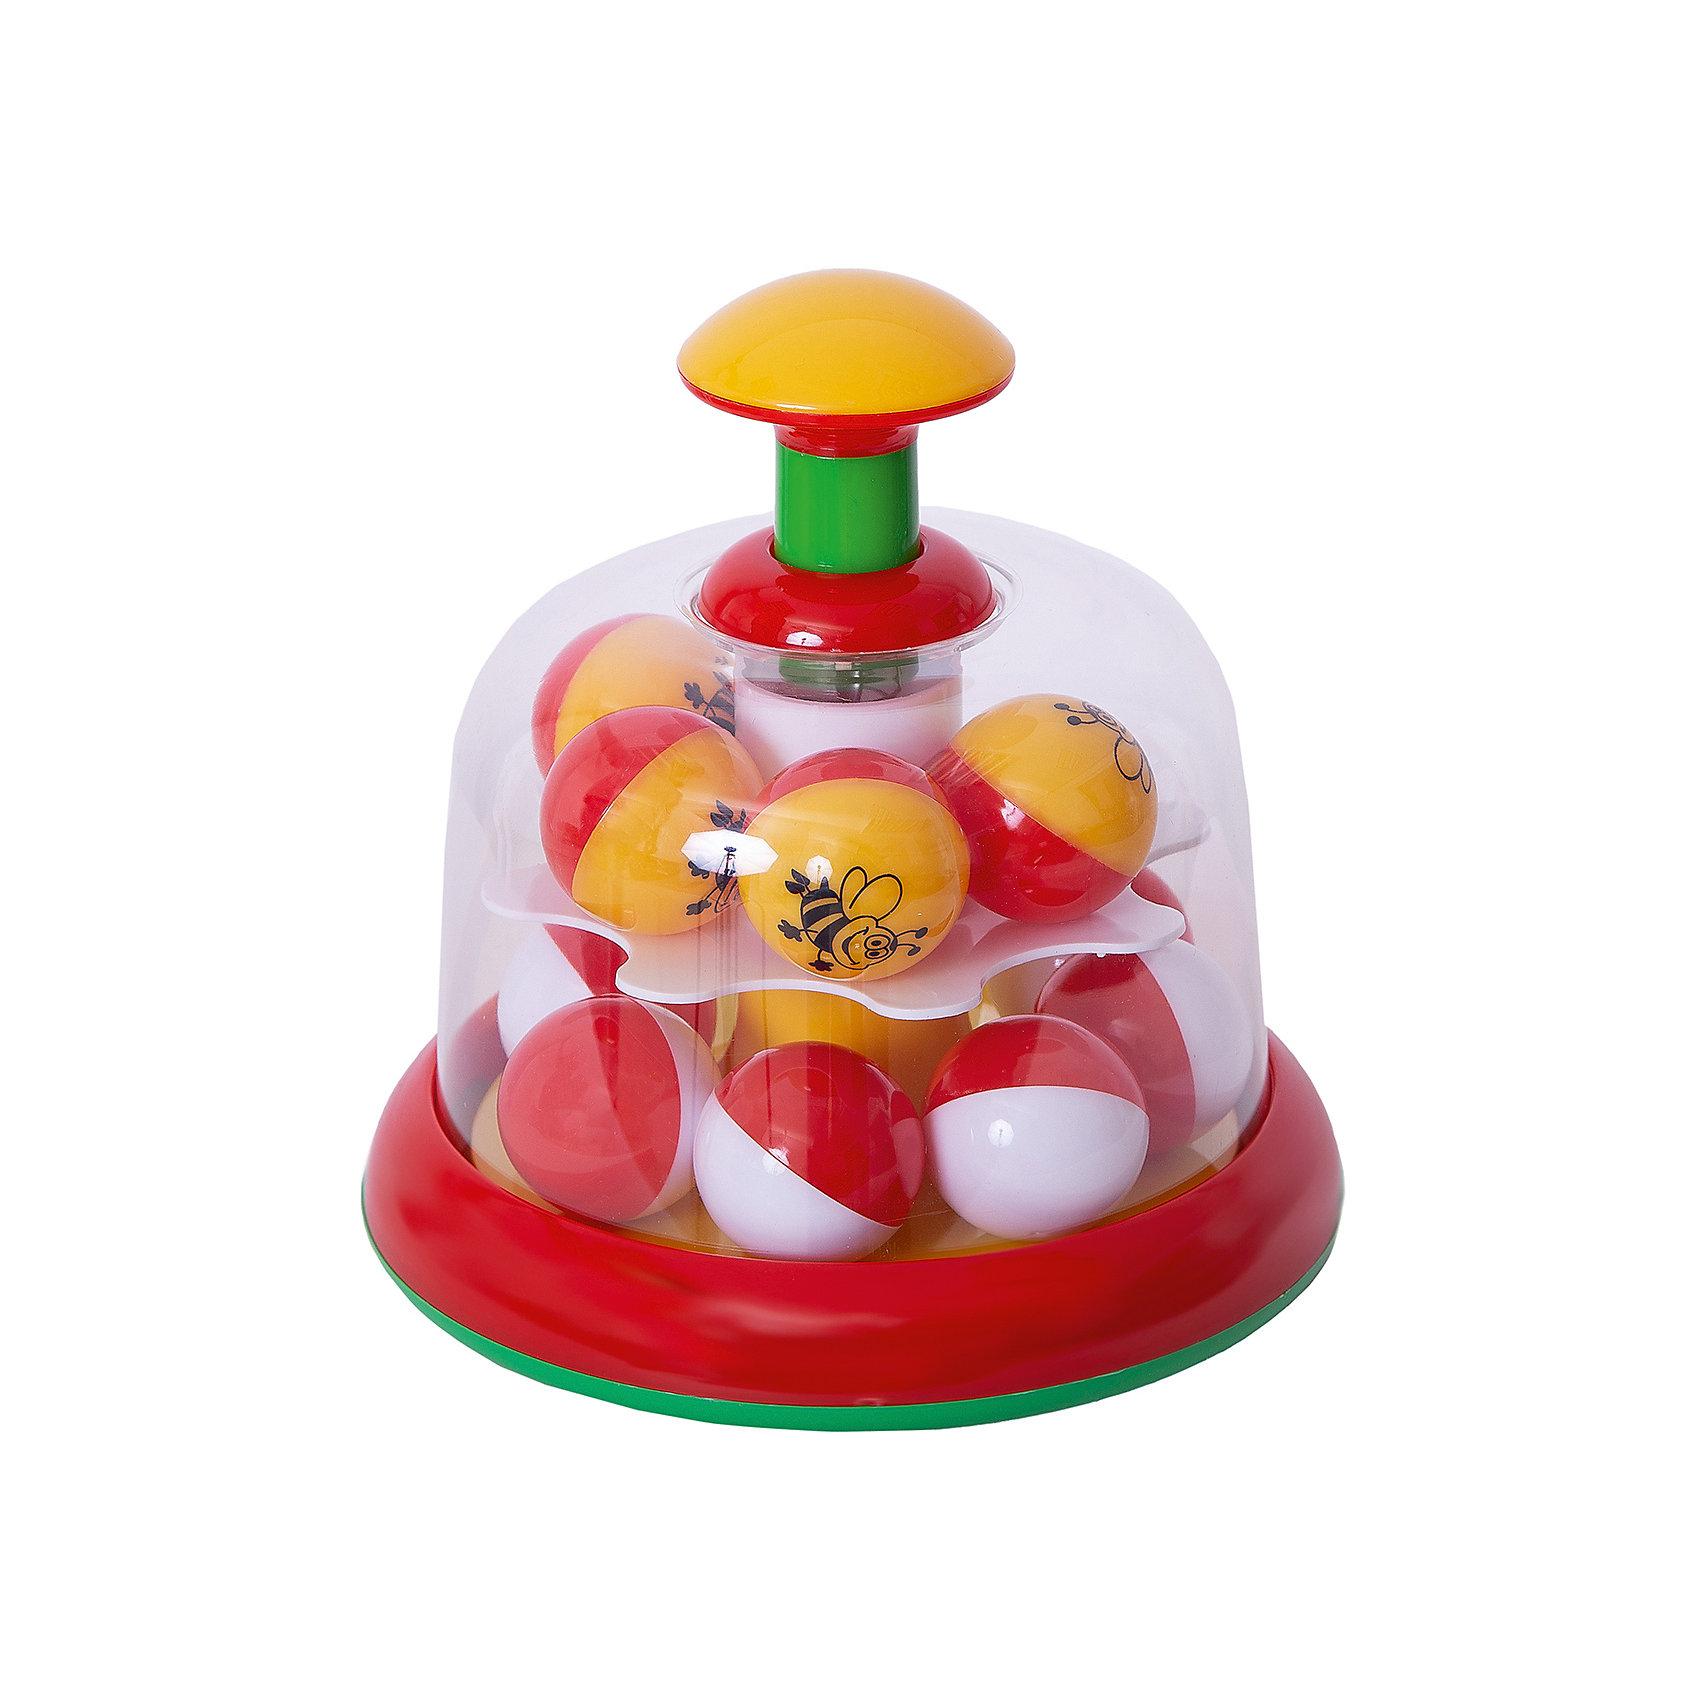 Юла-карусель с шариками, StellarХарактеристики товара:<br><br>- цвет: разноцветный;<br>- материал: пластик;<br>- для самых маленьких.<br><br>Детская развивающая игрушка в виде яркой юлы – отличный подарок для ребенка. В процессе игры с ней ребенок развивает моторику, тактильное восприятие, воображение, внимание и координацию движений, осваивает причинно-следственные связи. Игрушка издает при вращении приятный звук. Эта юла сделана специально для маленьких ручек ребёнка. <br>Такая игрушка позволит малышу с детства развивать свои способности. Изделие произведено из качественных материалов, безопасных для ребенка.<br><br>Юлу-карусель с шариками от бренда Stellar можно купить в нашем интернет-магазине.<br><br>Ширина мм: 170<br>Глубина мм: 170<br>Высота мм: 350<br>Вес г: 390<br>Возраст от месяцев: 12<br>Возраст до месяцев: 2147483647<br>Пол: Унисекс<br>Возраст: Детский<br>SKU: 5079970